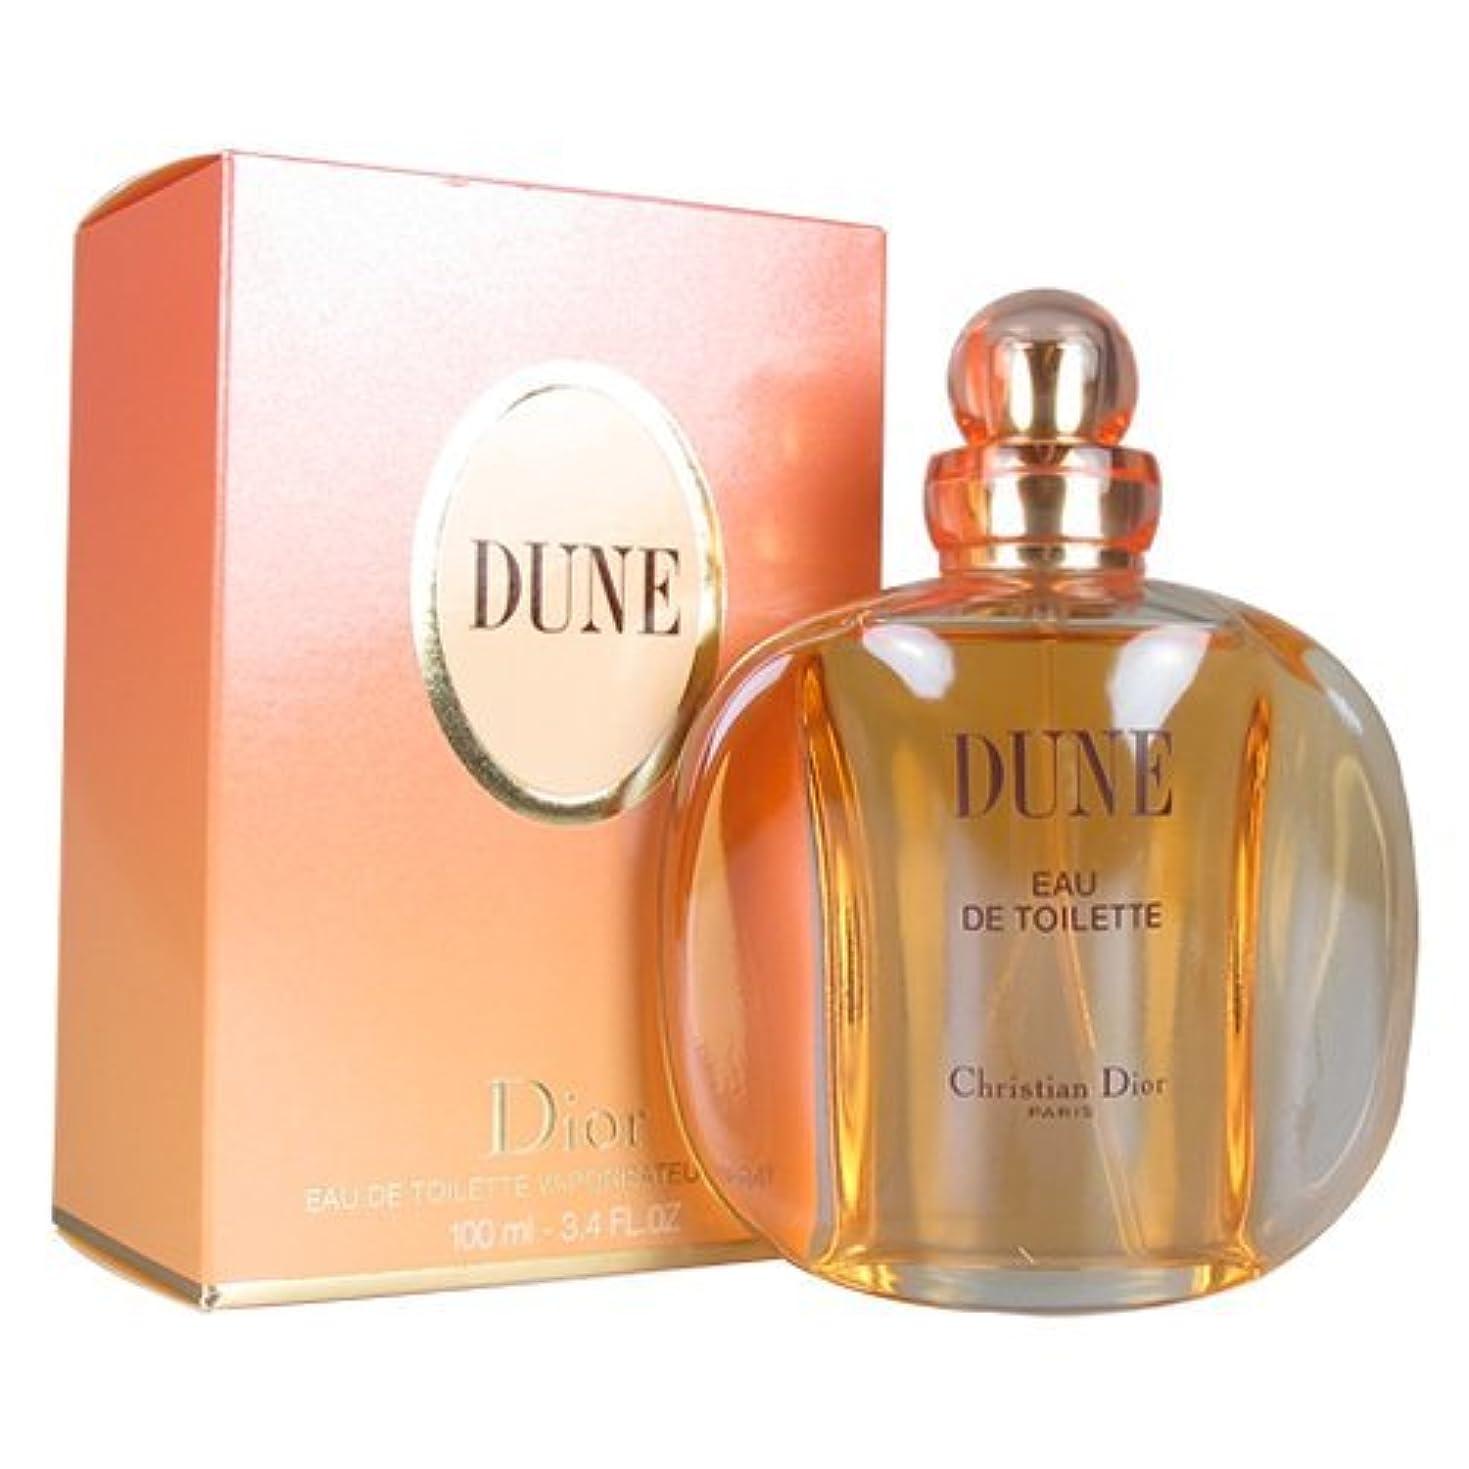 キノコアコー自伝クリスチャン ディオール(Christian Dior) デューン オードゥ トワレ 100ml[並行輸入品]